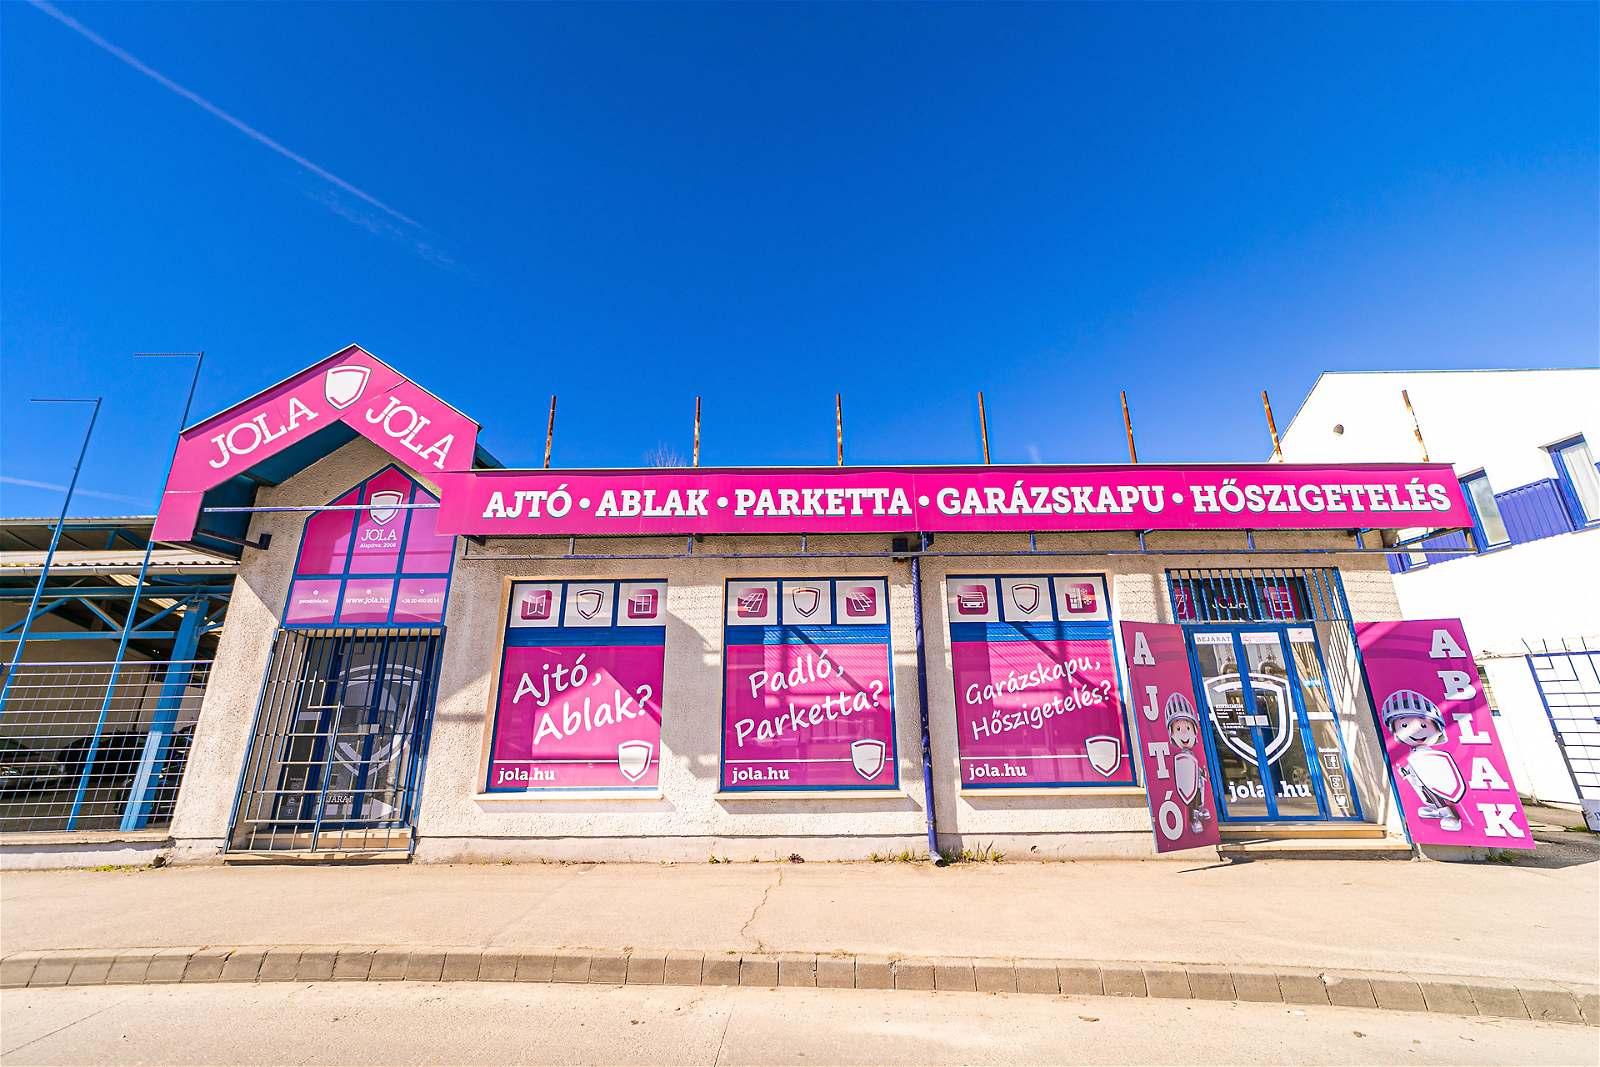 JOLA Pécsi üzlet külső